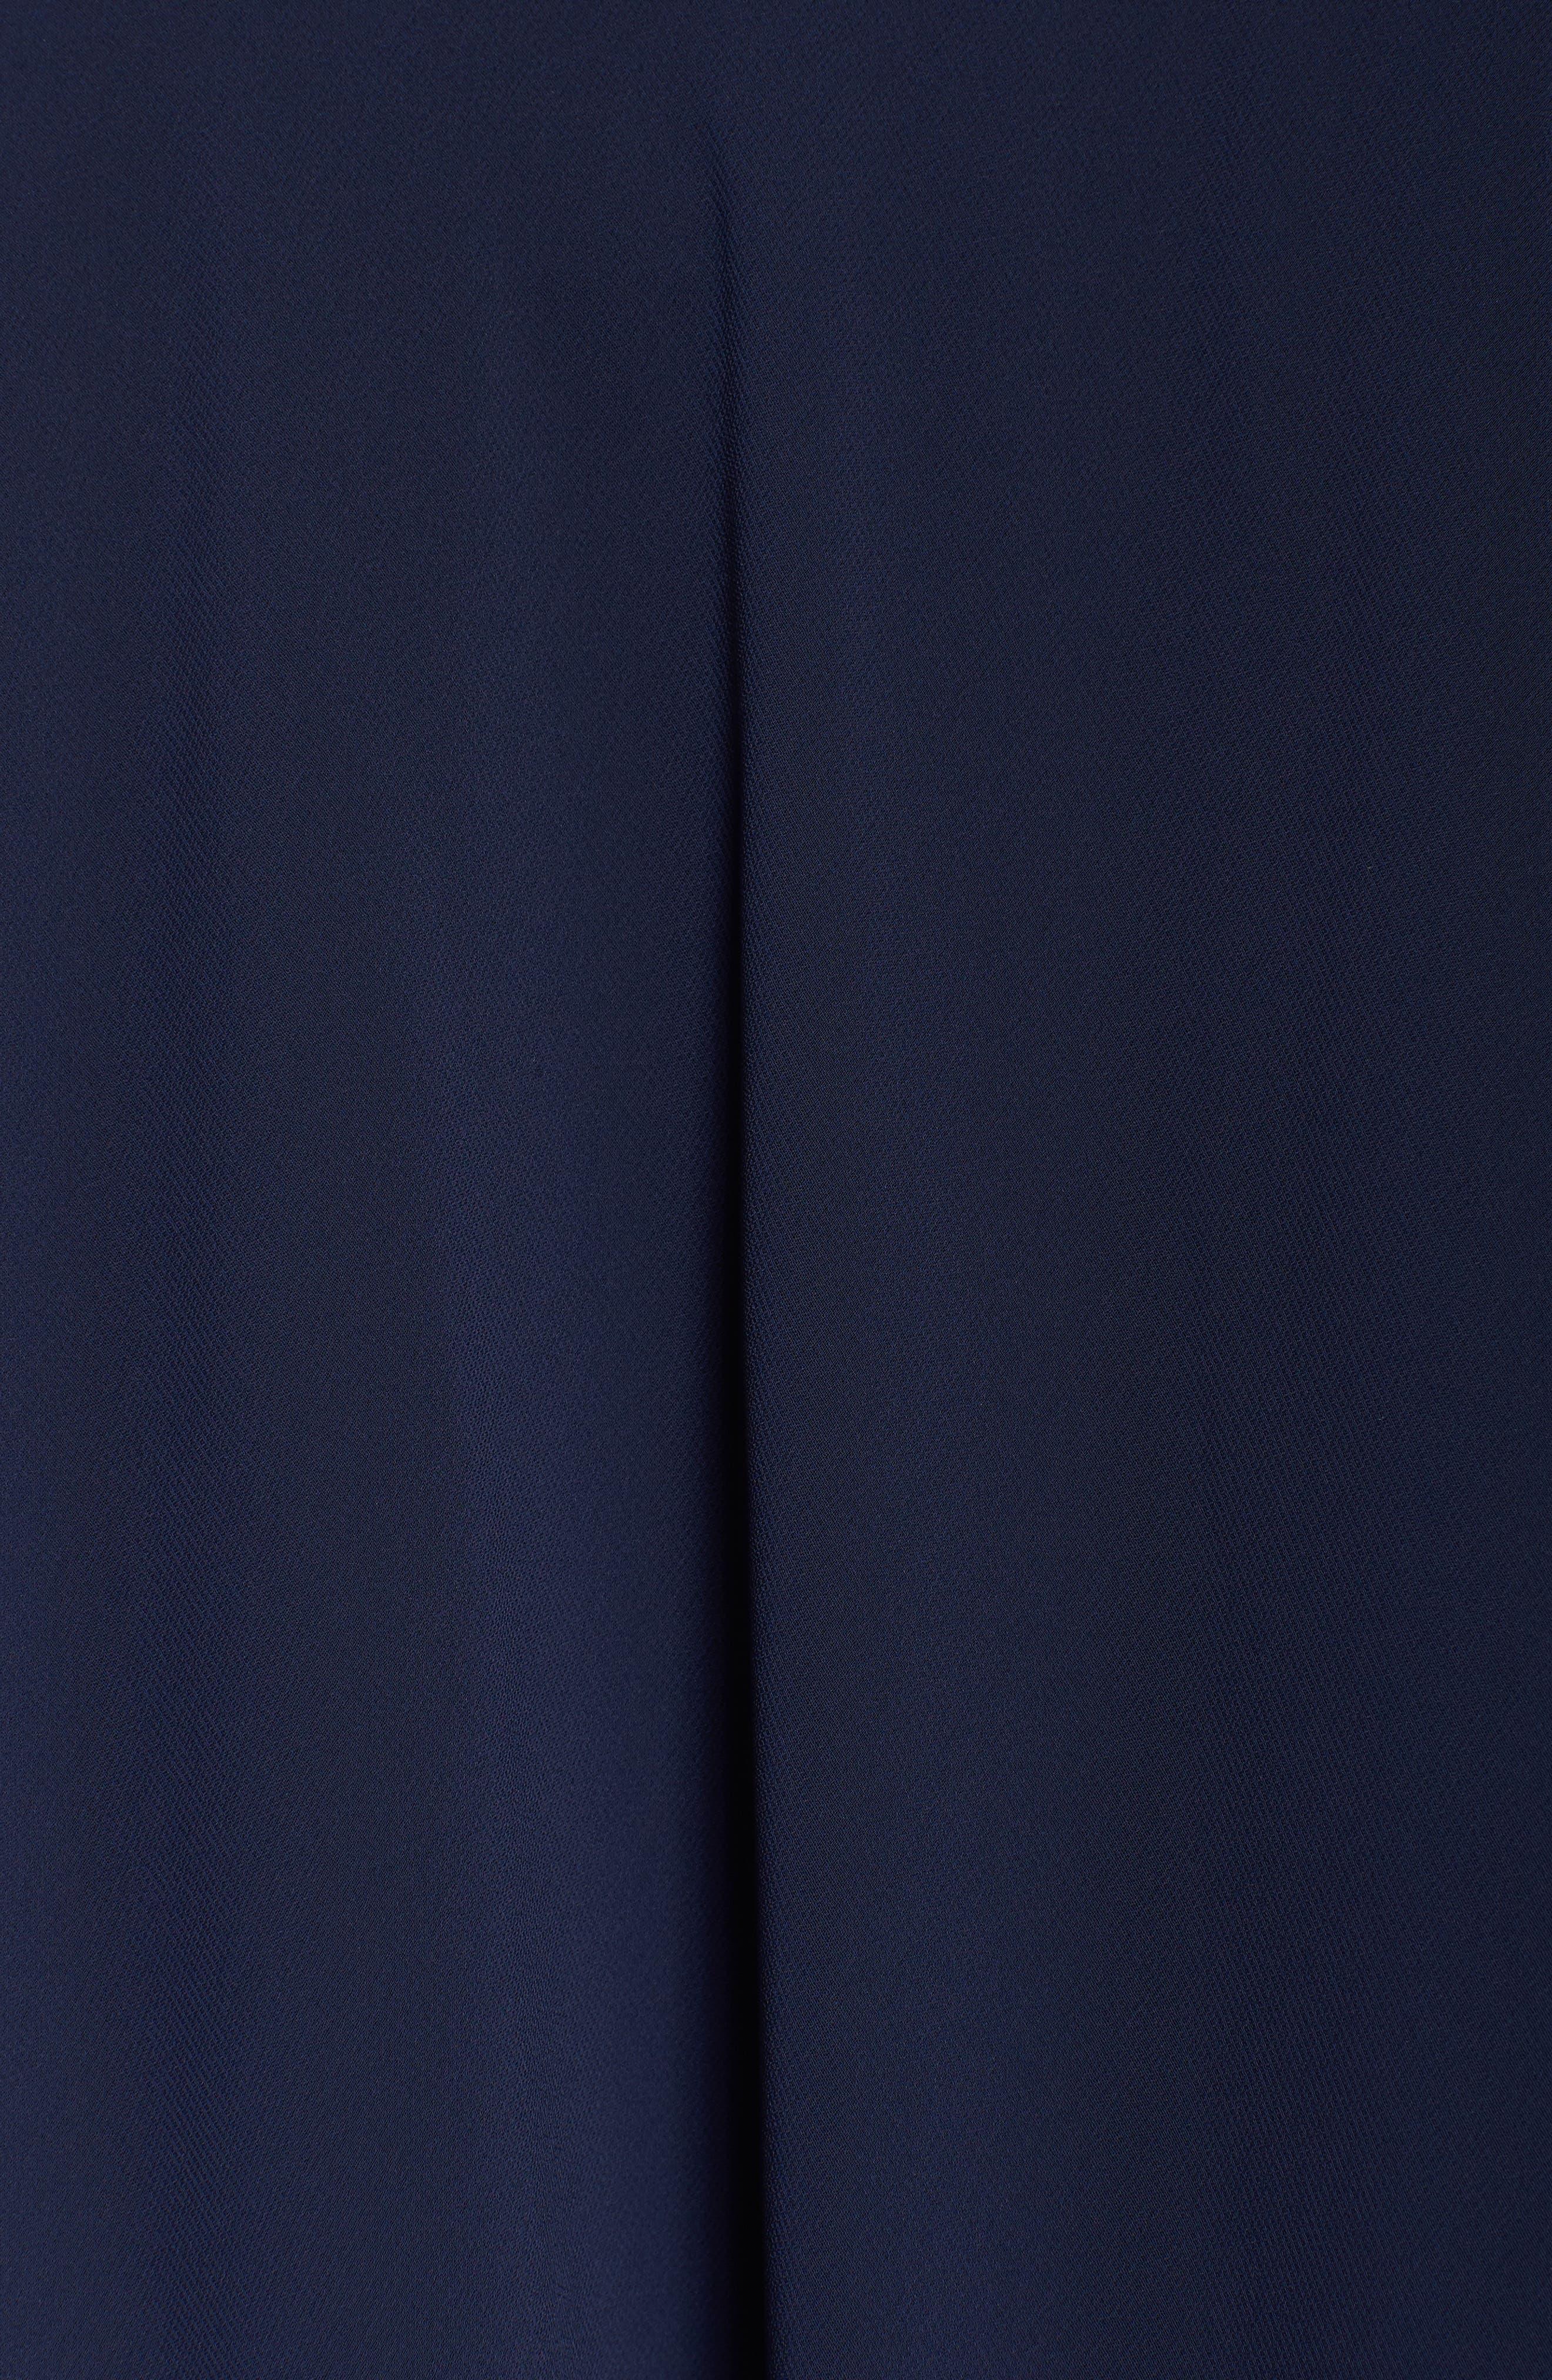 Embellished Cold Shoulder Overlay Cocktail Dress,                             Alternate thumbnail 5, color,                             410